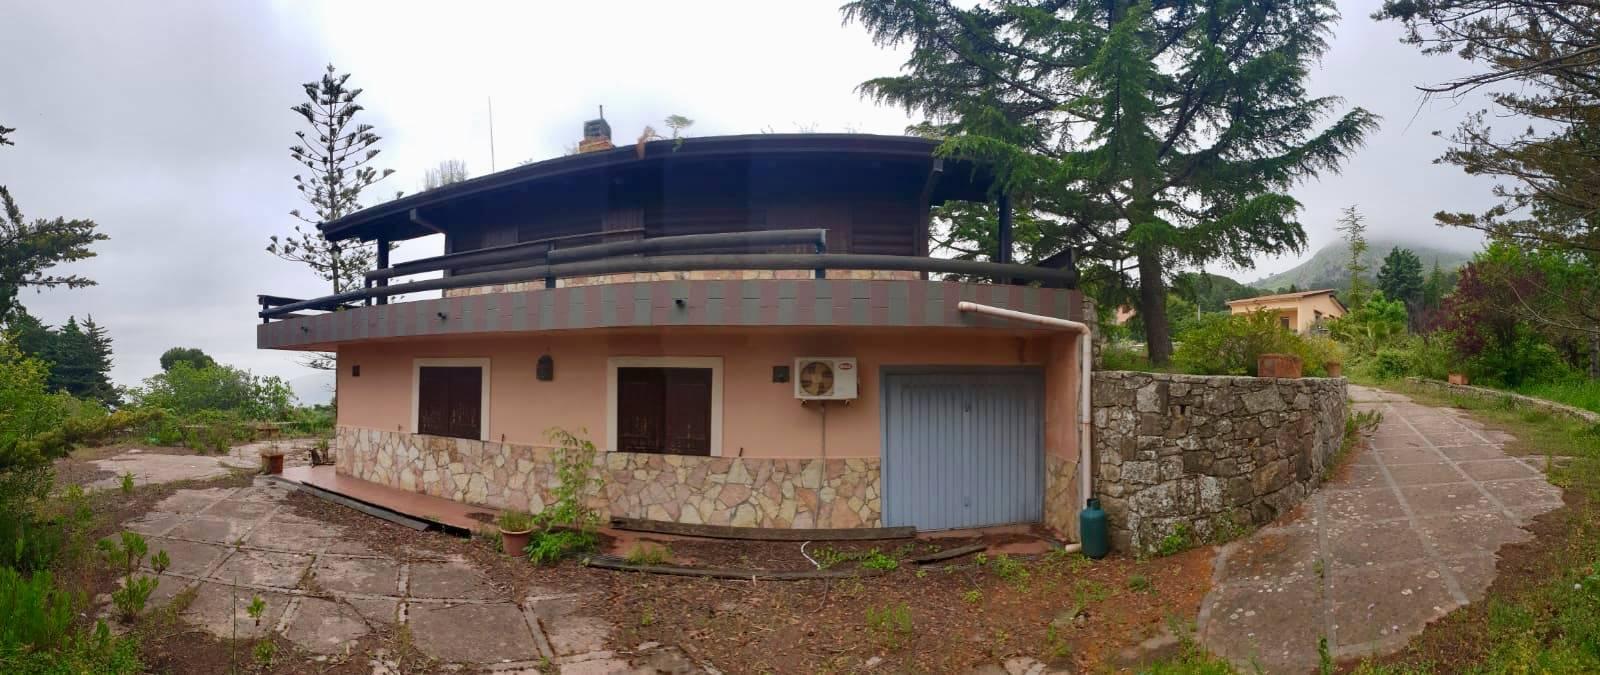 Villa in vendita a Monreale, 4 locali, zona Località: GIACALONE, prezzo € 150.000   CambioCasa.it